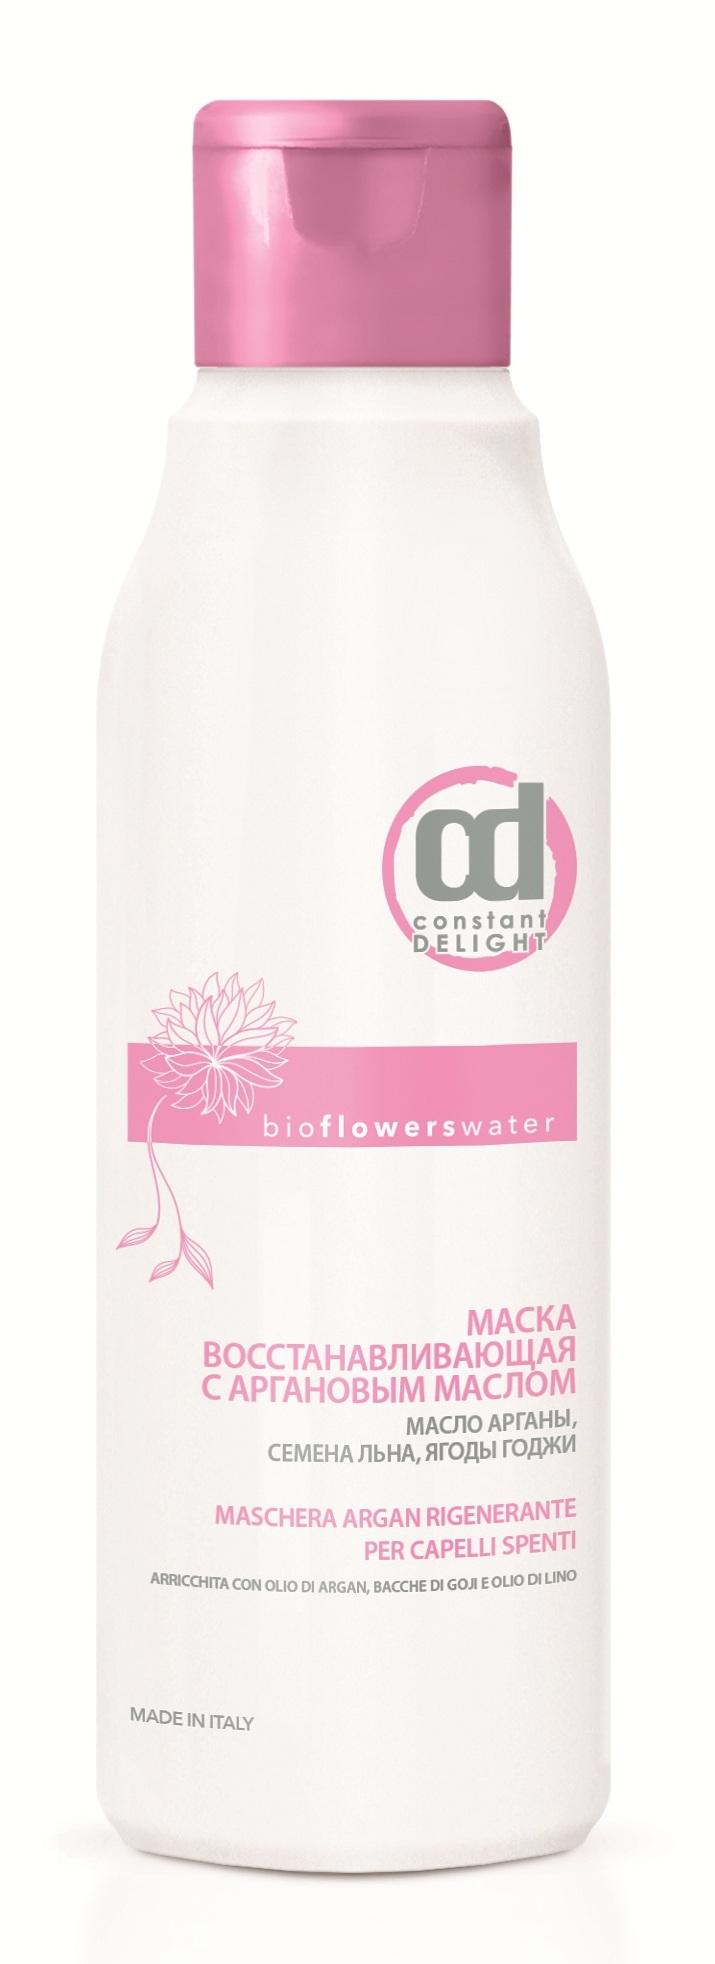 Купить CONSTANT DELIGHT Маска восстанавливающая с аргановым маслом для волос / BIO FLOWER 250 мл